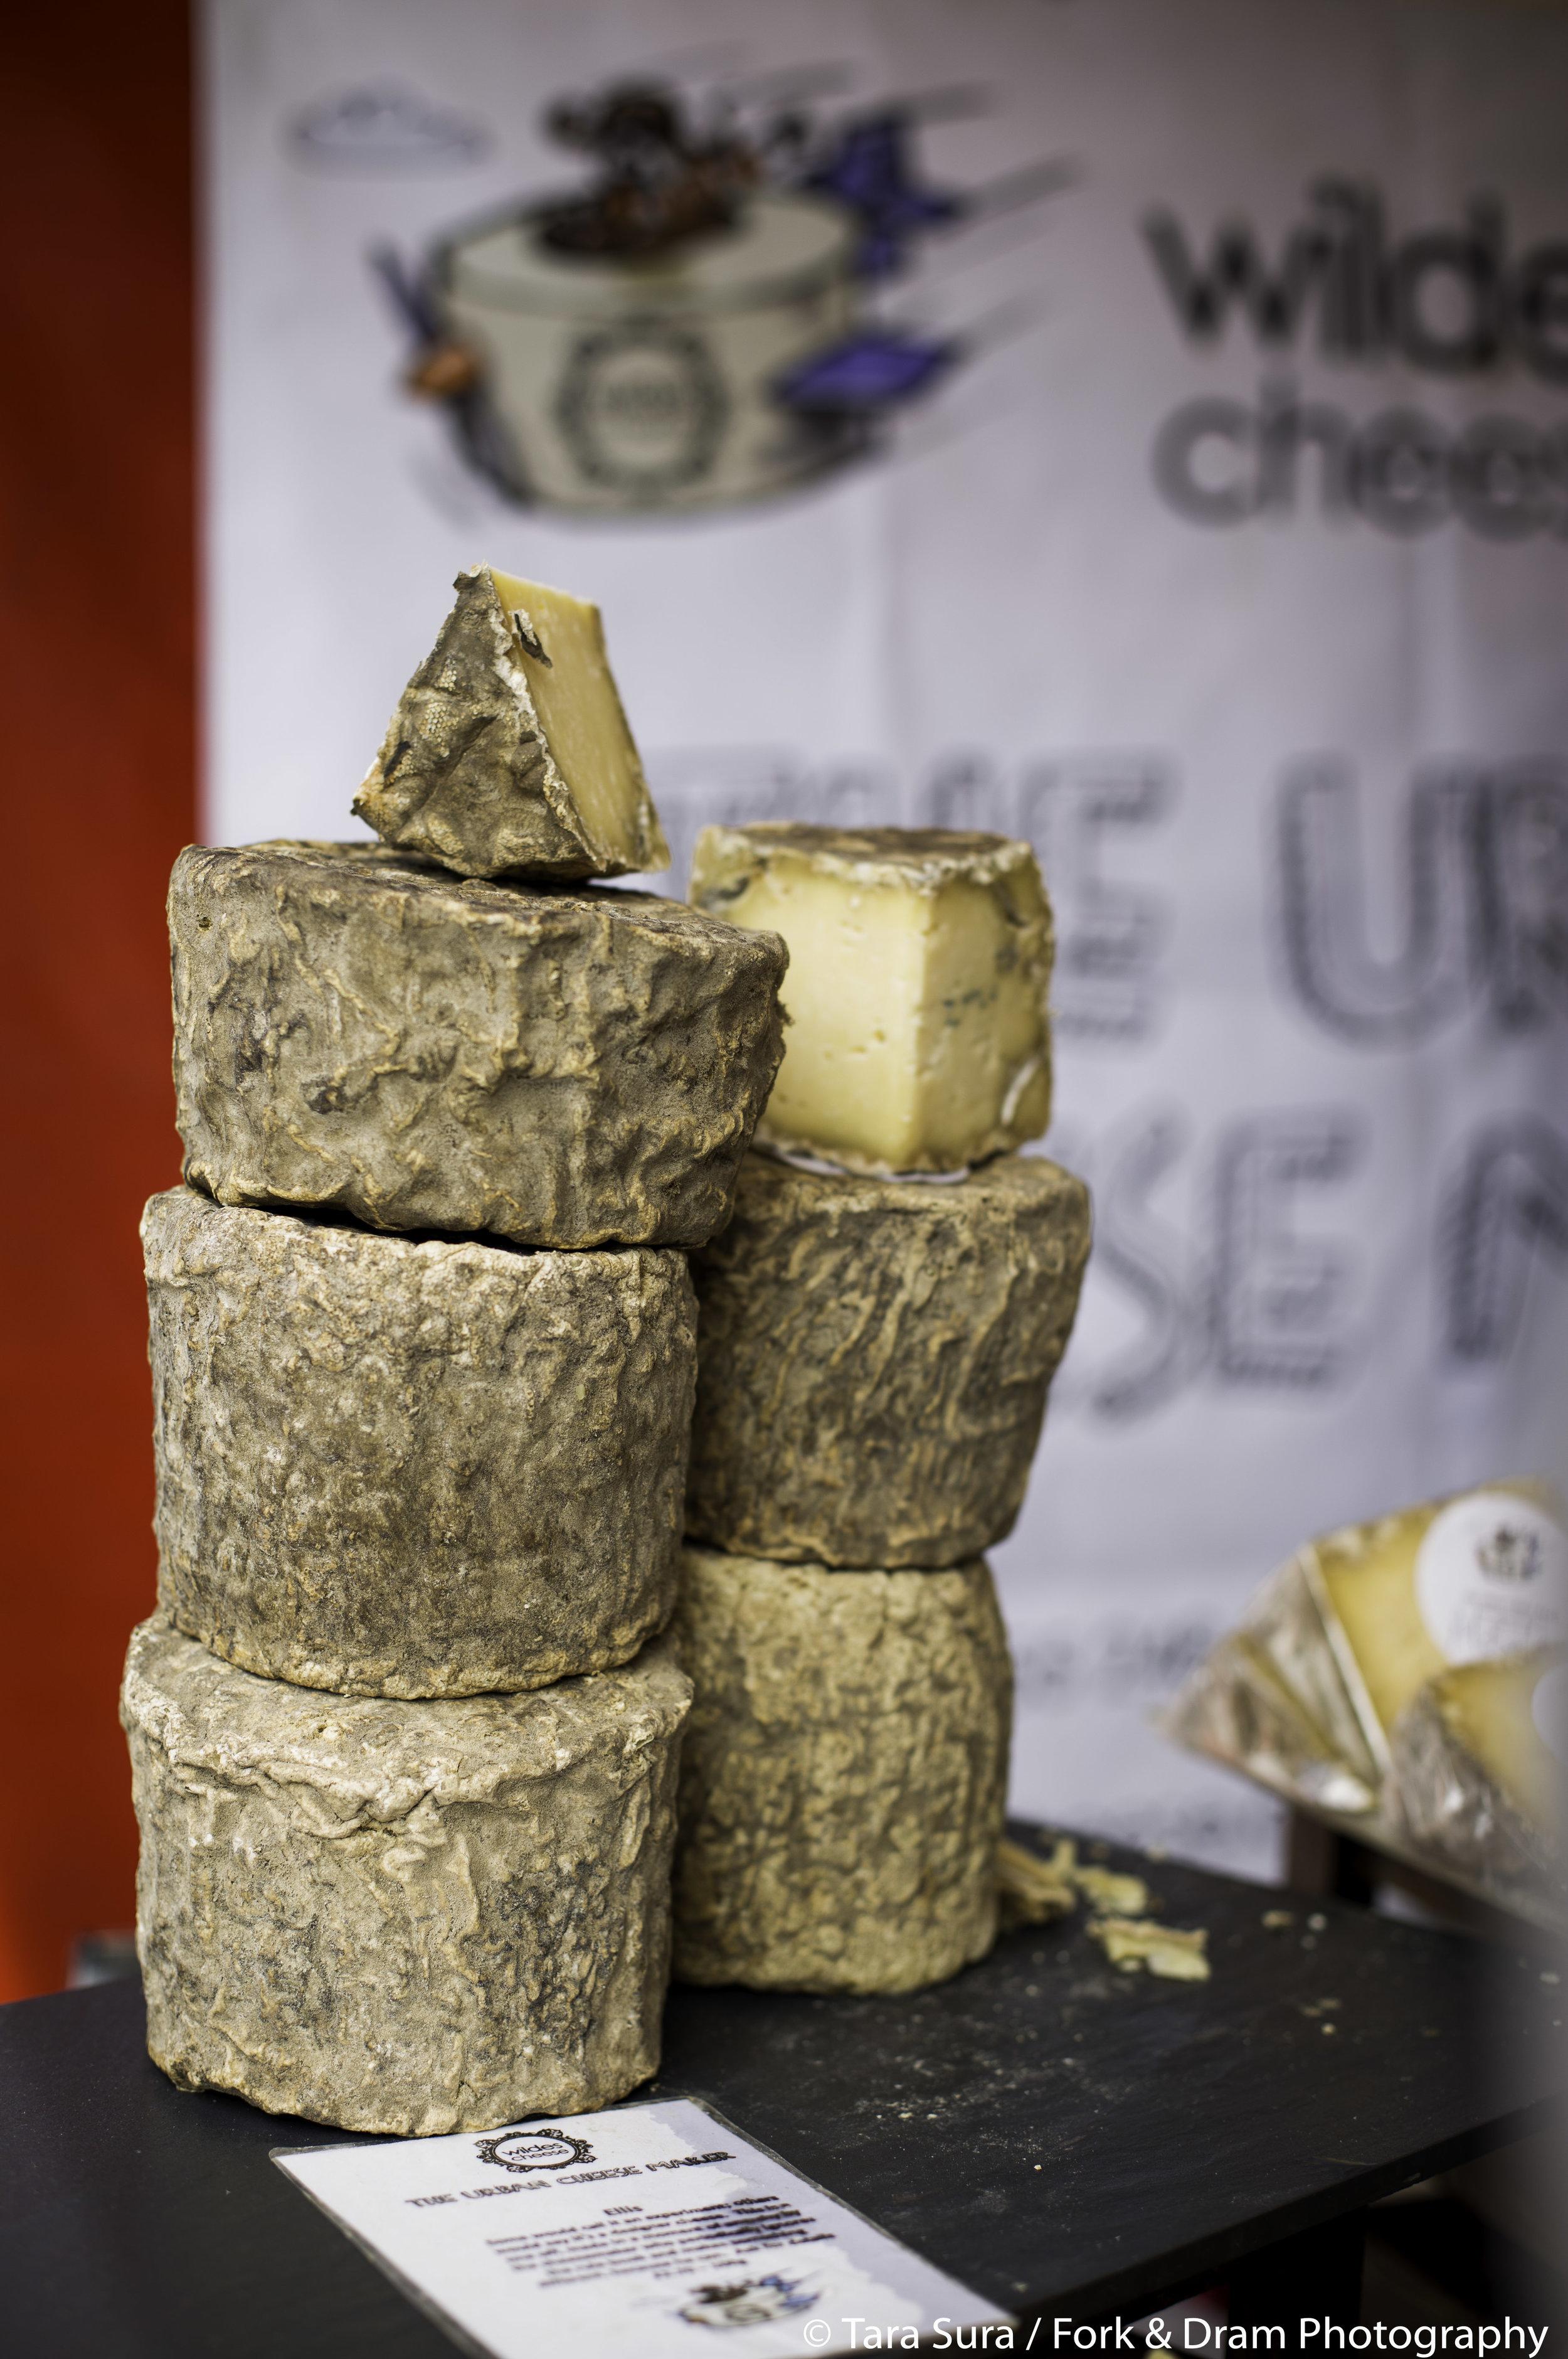 Wildes Cheese by Tara Sura